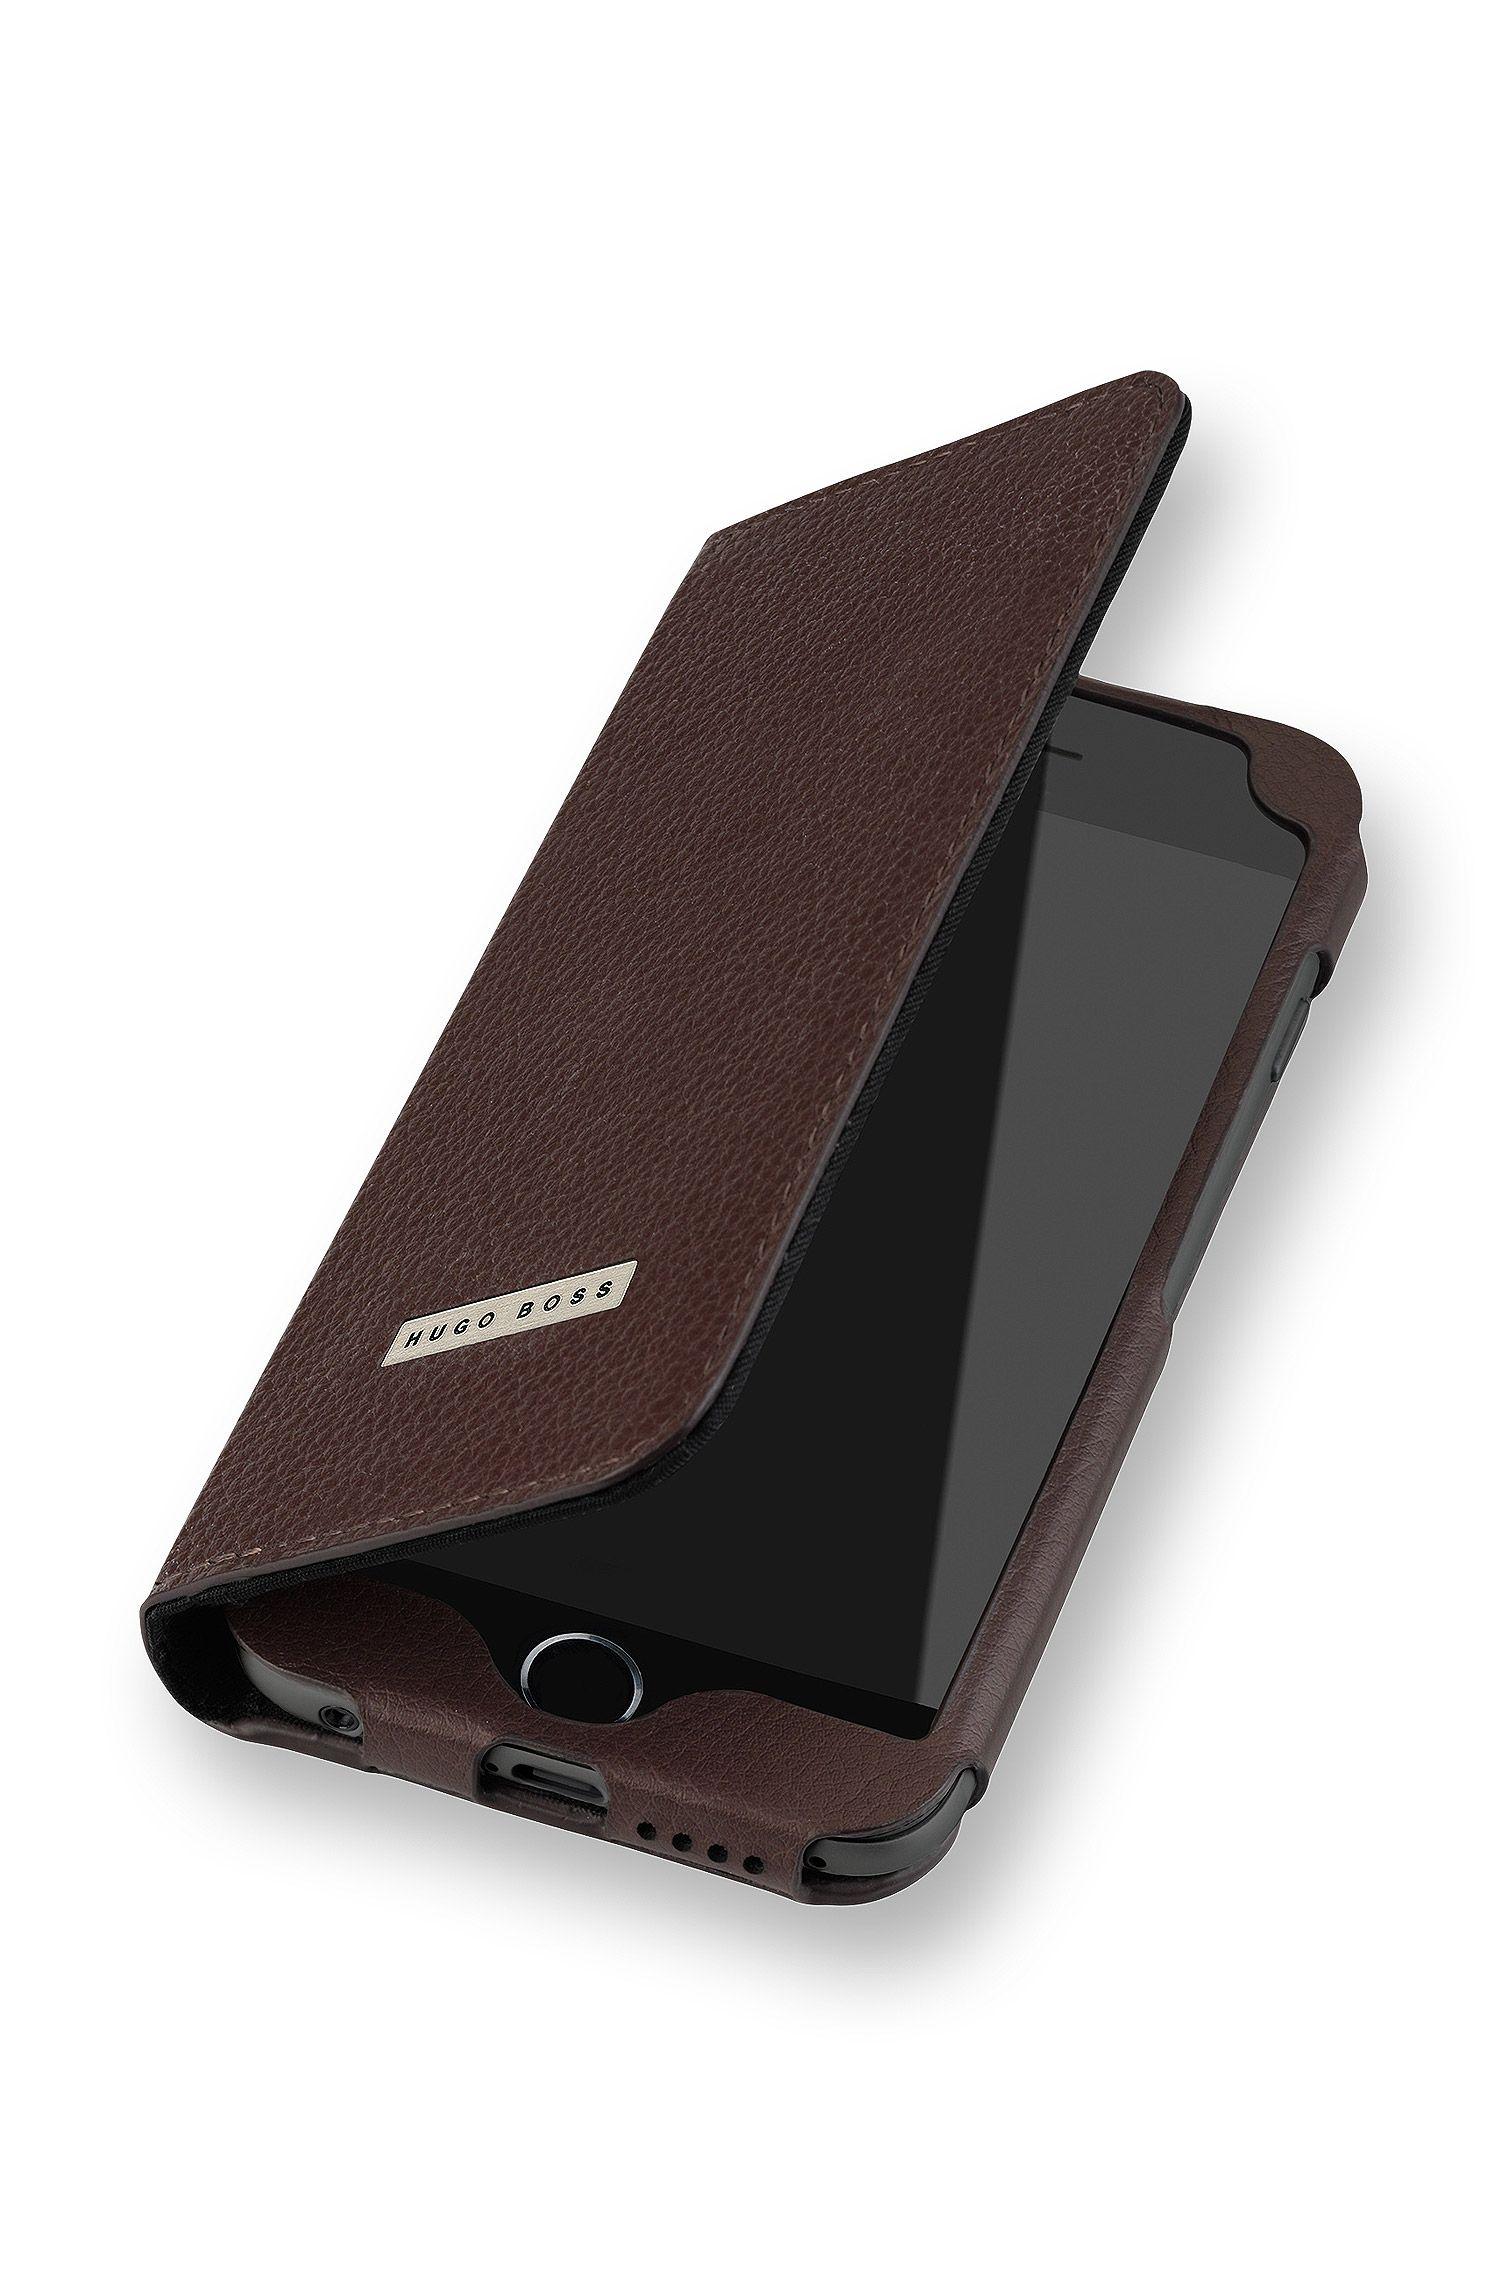 Étui «Folianti IP6 4.7 - Brown» pour iPhone 6 4.7